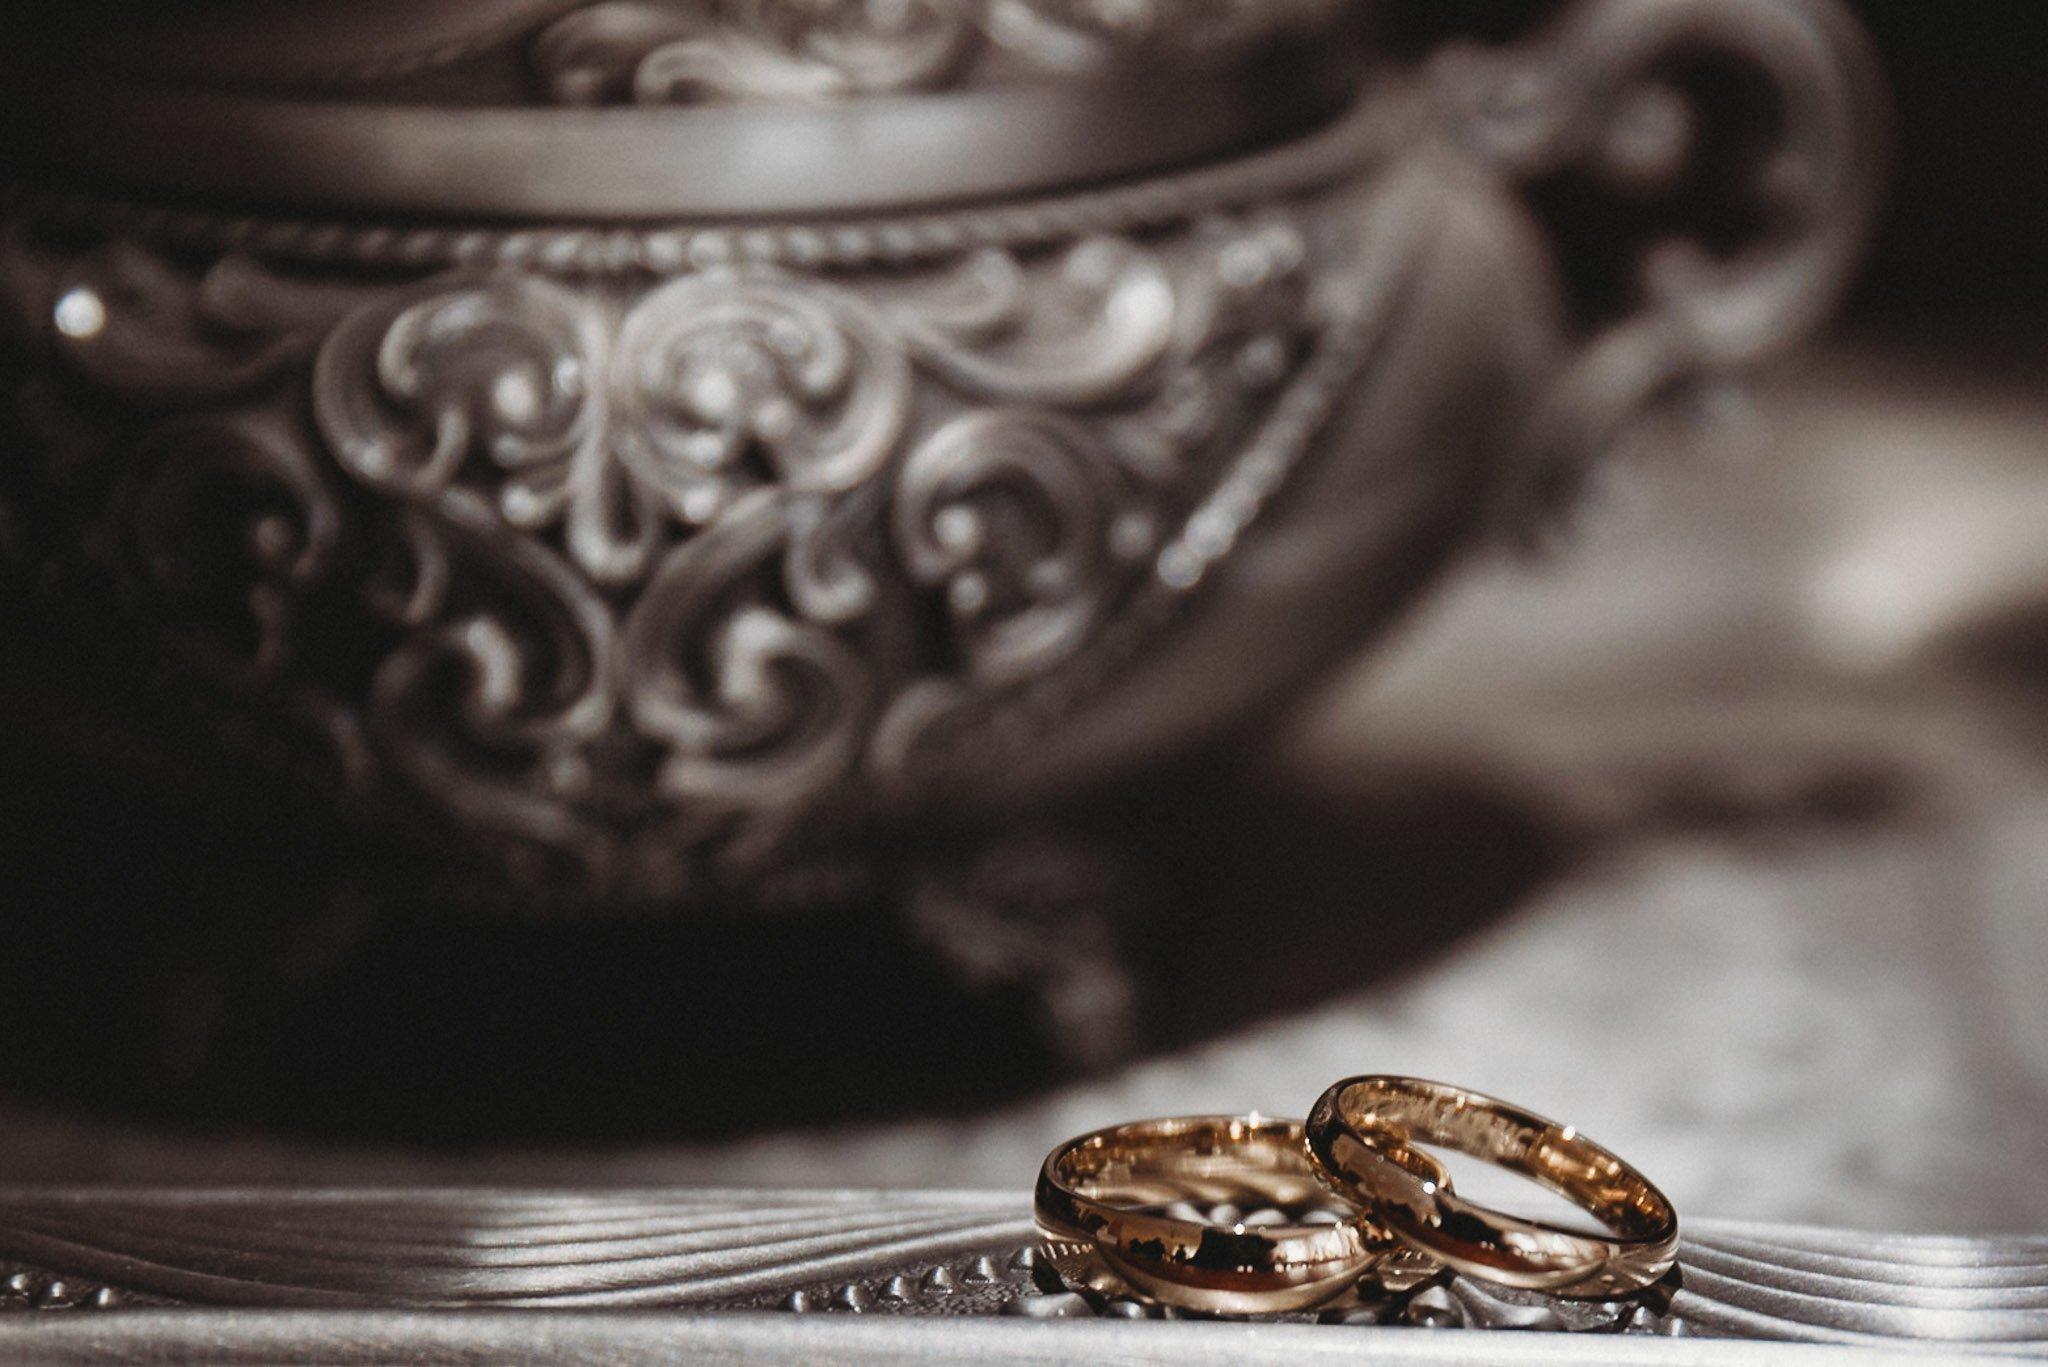 obrączki ślubne, przygotowania do ślubu.